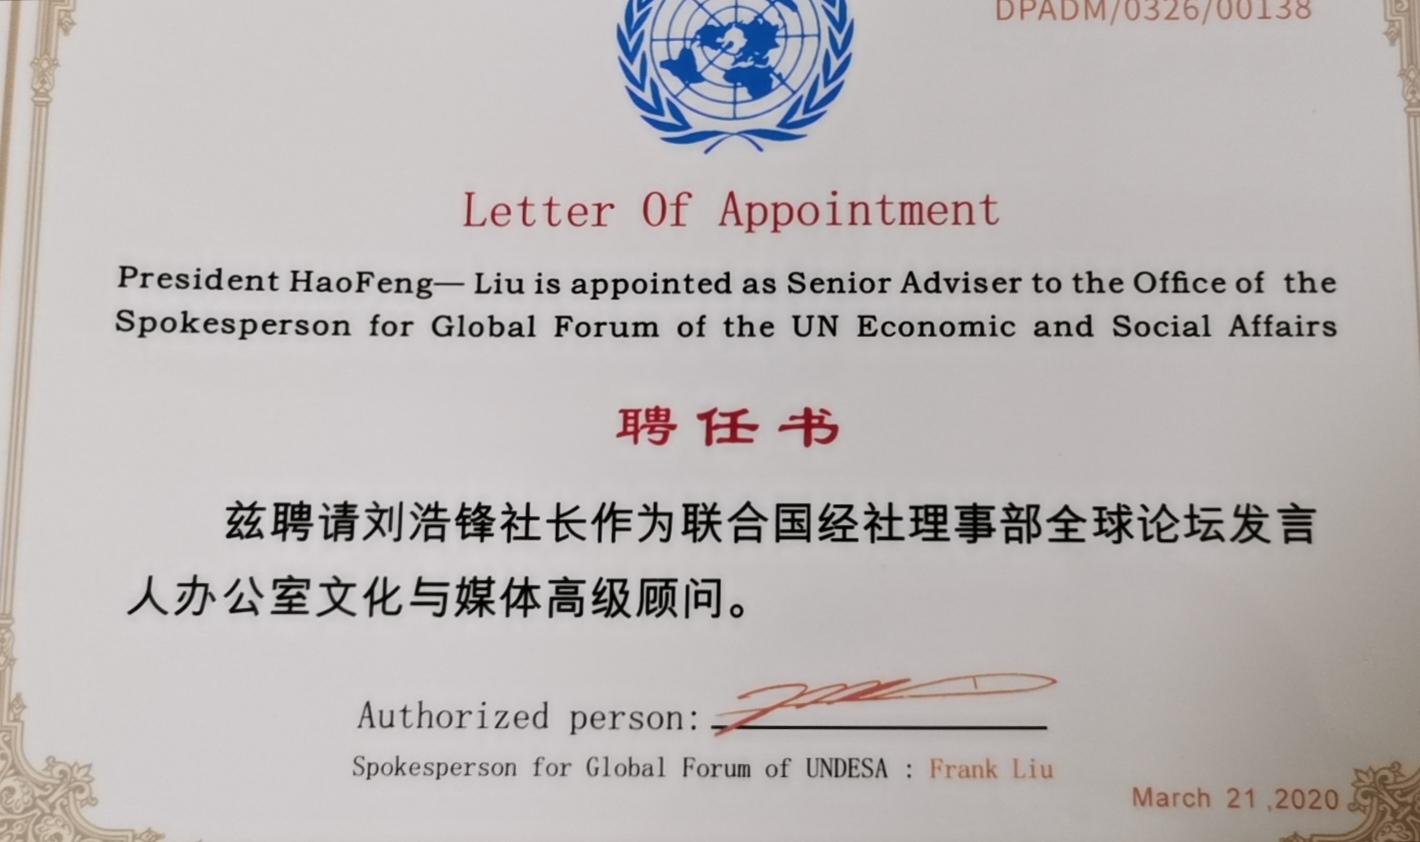 和通社社长刘浩锋社长荣聘联合国全球论坛